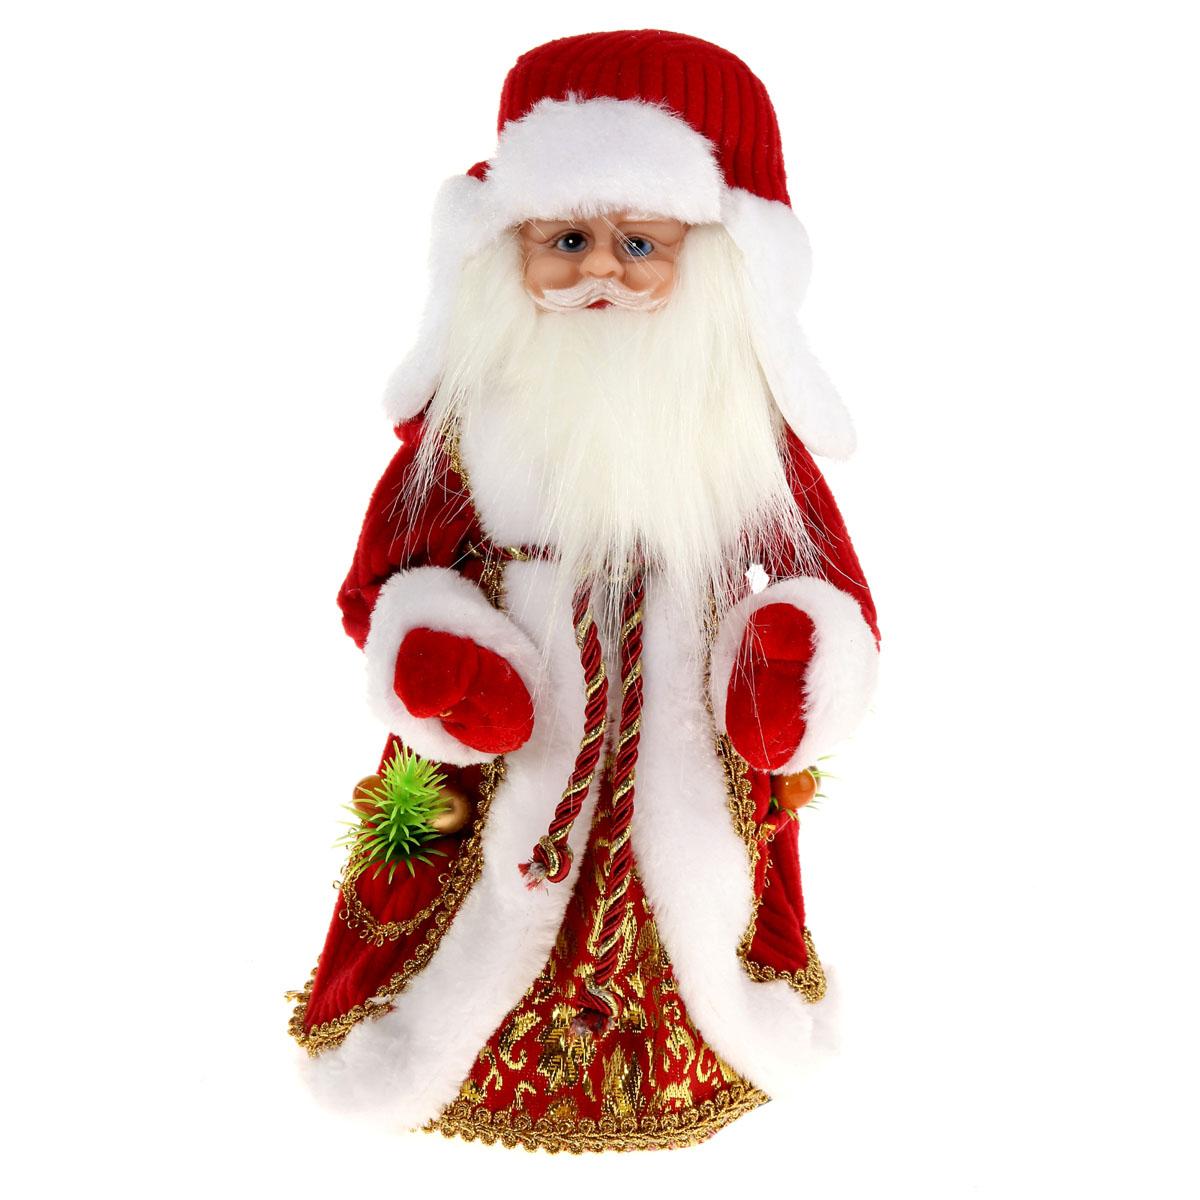 Новогодняя декоративная фигурка Sima-land Дед Мороз, анимированная, высота 30 см. 827842701303Новогодняя декоративная фигурка Sima-land выполнена из высококачественного пластика в виде Деда Мороза. Дед Мороз одет в шубу с капюшоном и опушкой, украшенную тесьмой и варежки. На голове шапка в цвет шубы. Игрушка стоит на пластиковой подставке. Особенностью фигурки является наличие механизма, при включении которого играет мелодия, а голова и руки куклы начинают двигаться. Его добрый вид и очаровательная улыбка притягивают к себе восторженные взгляды. Декоративная фигурка Дед Мороз подойдет для оформления новогоднего интерьера и принесет с собой атмосферу радости и веселья. УВАЖАЕМЫЕ КЛИЕНТЫ!Обращаем ваше внимание на тот факт, что декоративная фигурка работает от трех батареек типа АА напряжением 1,5В. Батарейки в комплект не входят.